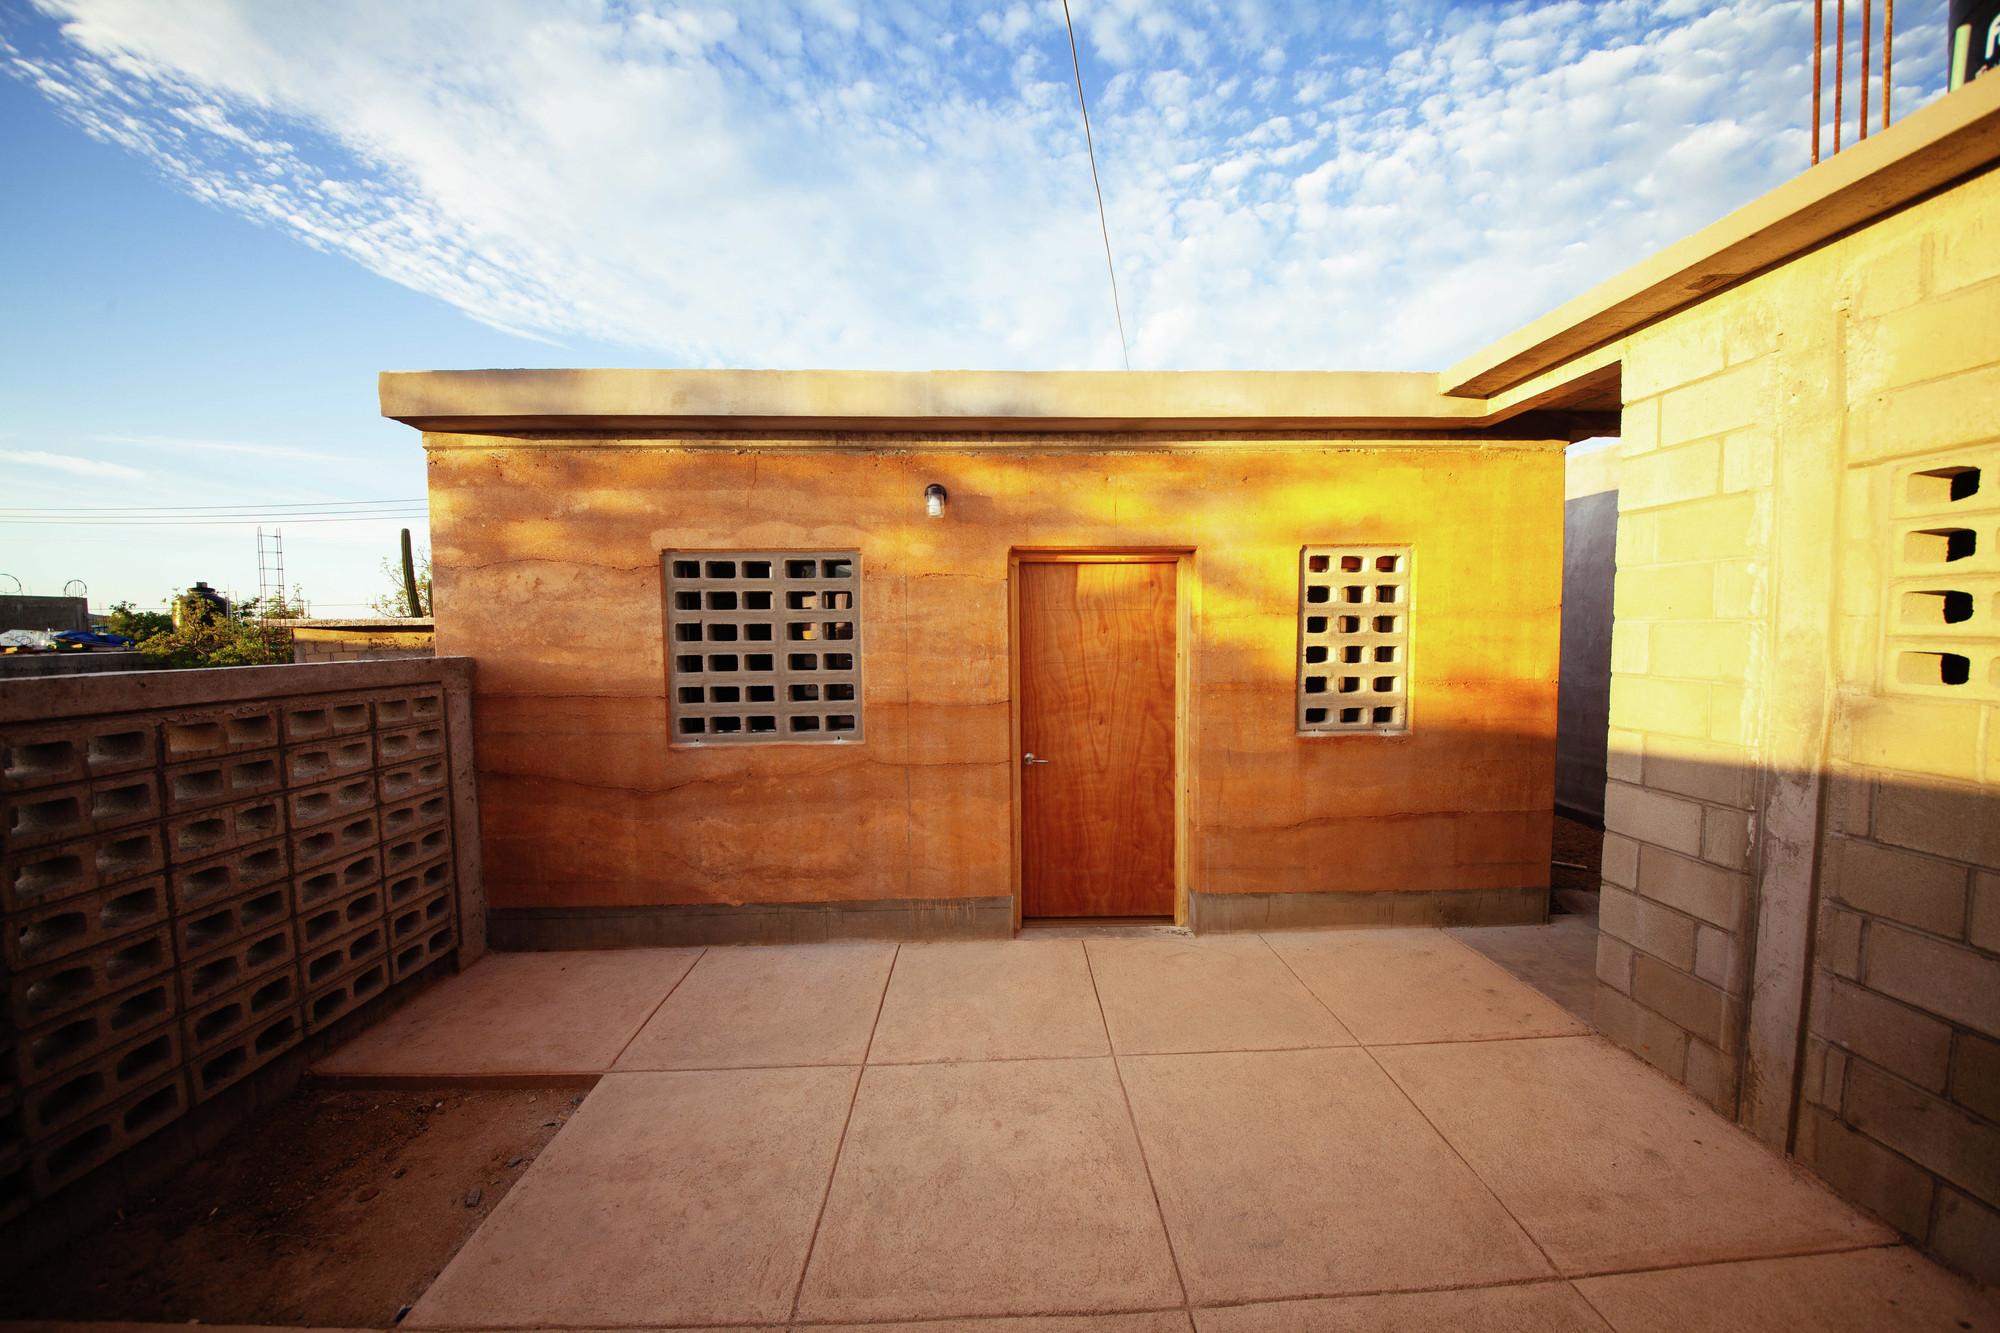 Modelo de vivienda replicable impulsa la autoconstrucción de comunidades afectadas en Los Cabos, México